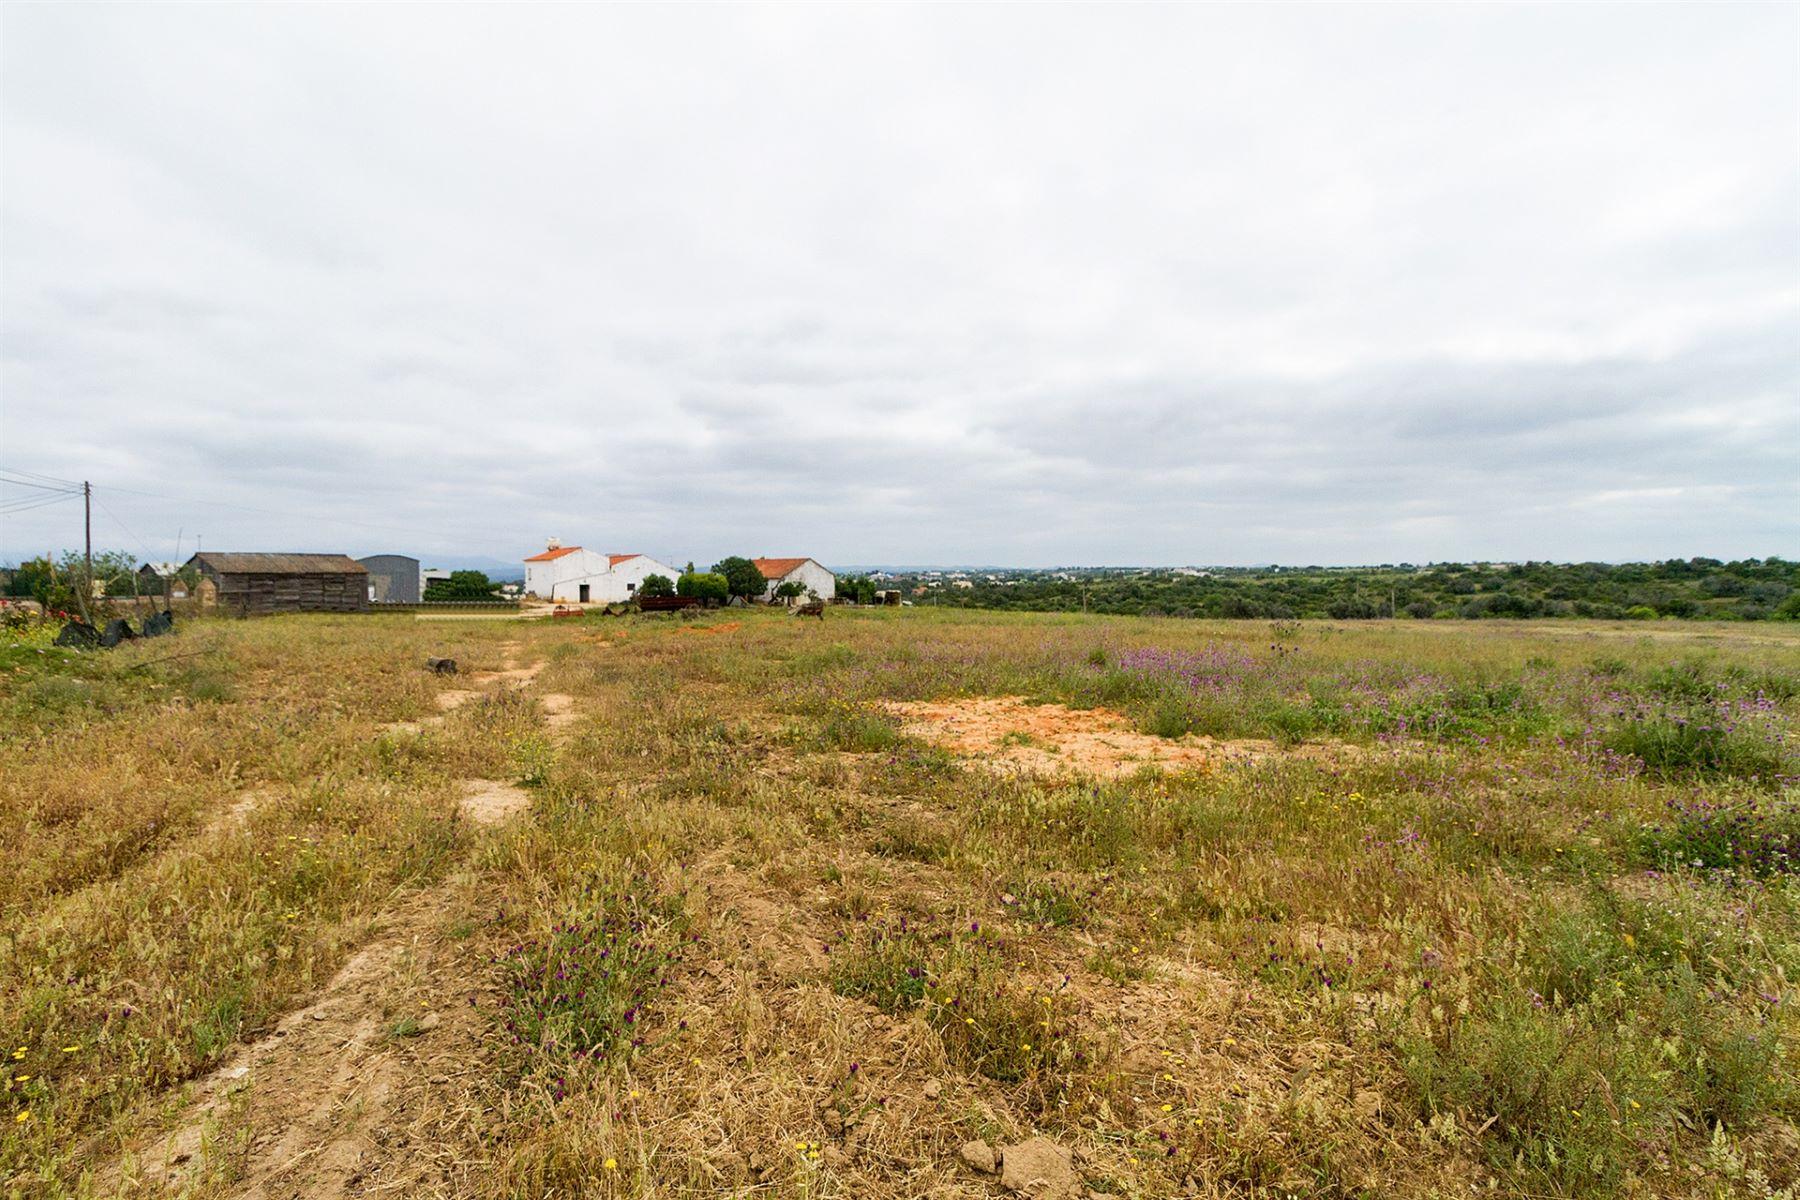 农场 / 牧场 / 种植园 为 销售 在 Farm for Sale Lagoa, 阿尔加维 葡萄牙